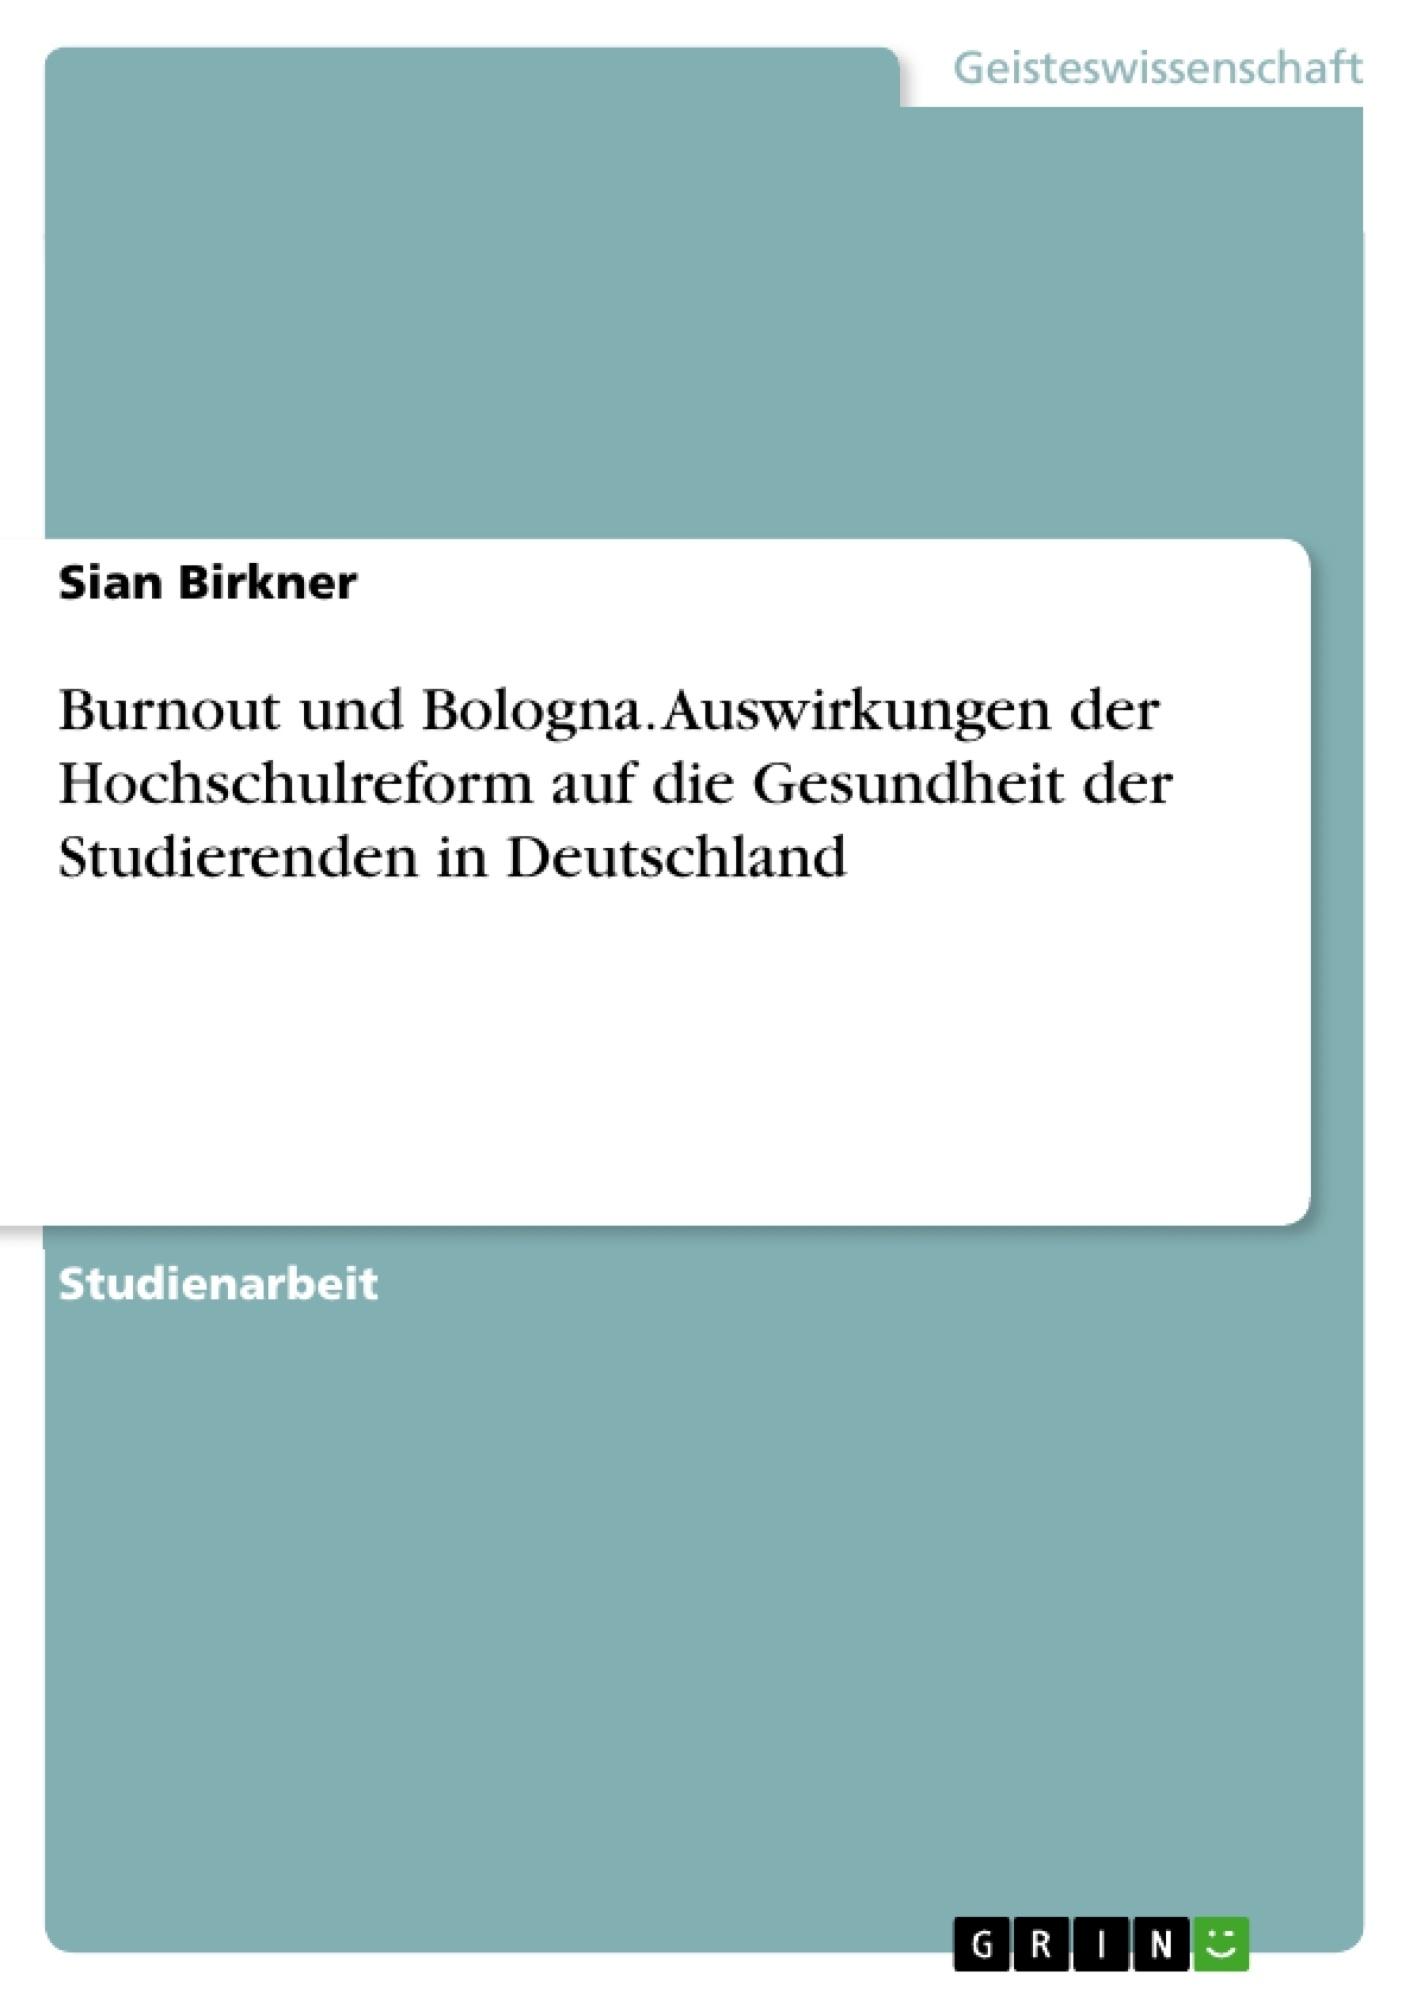 Titel: Burnout und Bologna. Auswirkungen der Hochschulreform auf die Gesundheit der Studierenden in Deutschland